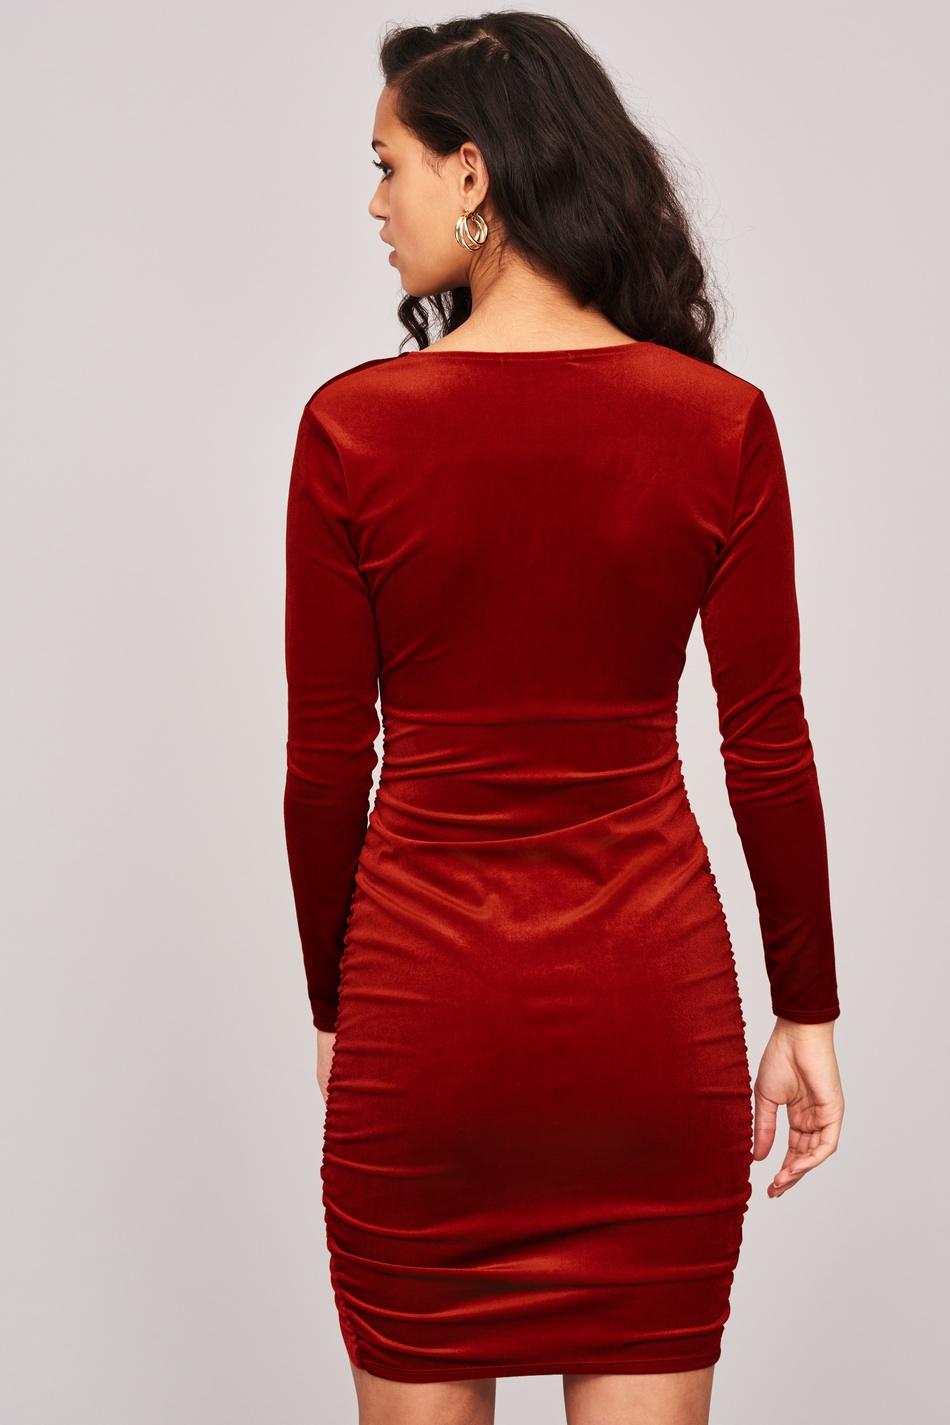 Cassie klänning i sammet, Klänningar Köp trendiga